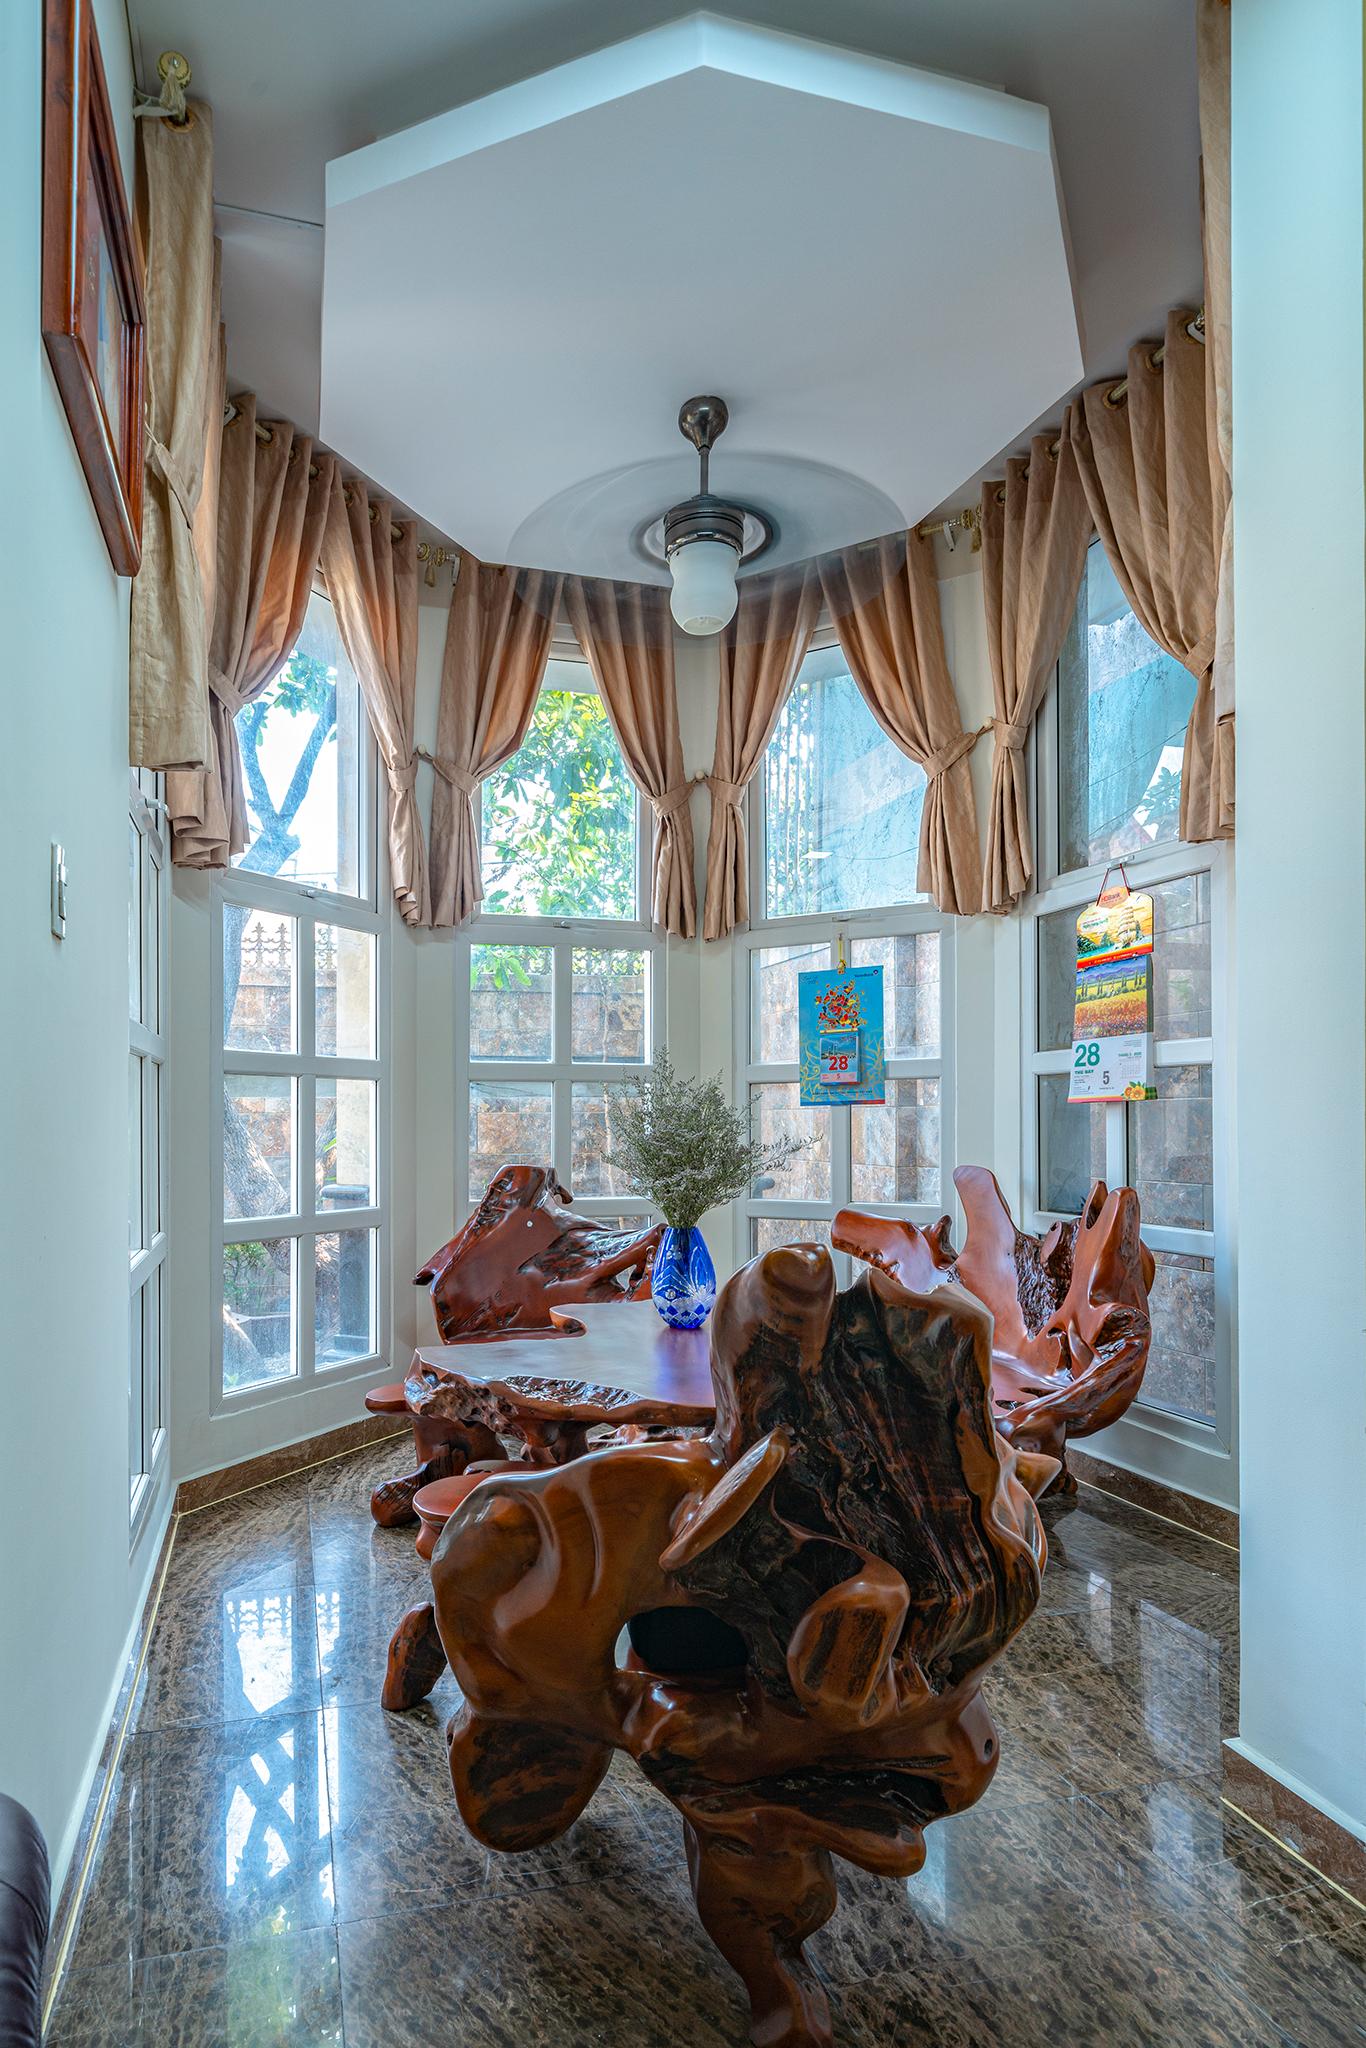 Thiết kế Biệt Thự tại Hồ Chí Minh CẢI TẠO BIỆT THỰ - BÌNH TÂN 1585443085 3